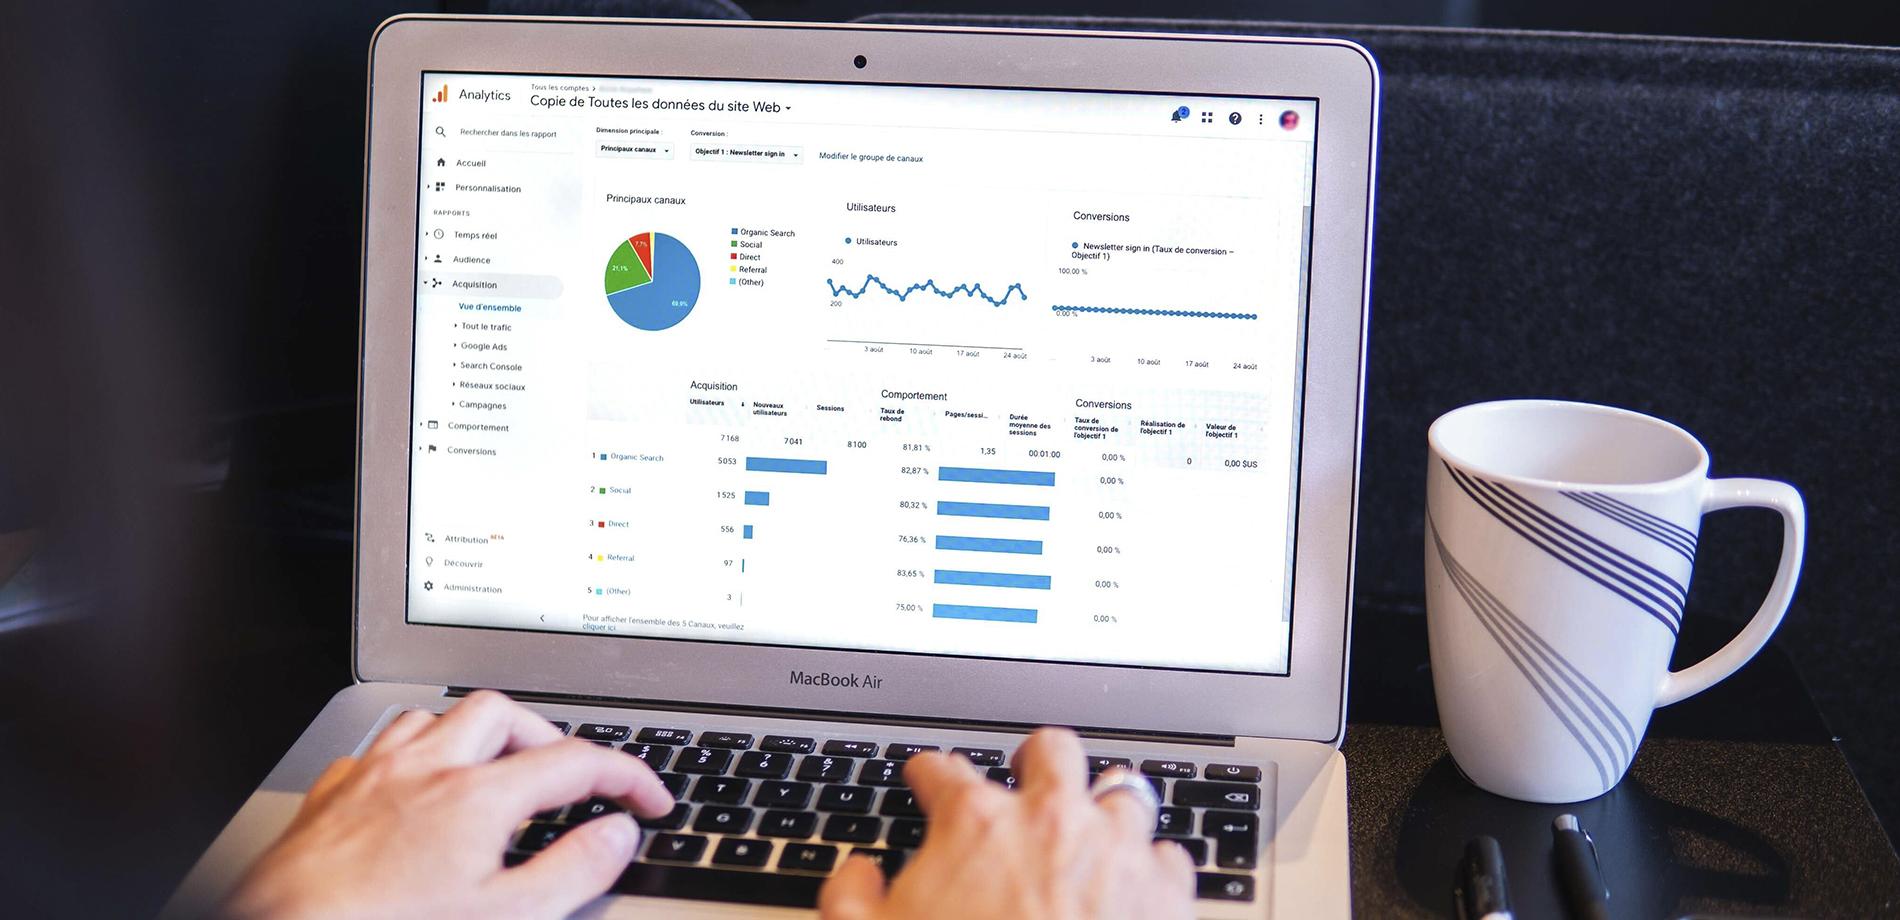 google analytics, usuarios, sesiones, visitas diferencias, usuarios sesiones visitas diferencias en Google Analytics, analizar una web, indicadores importantes analizar una web, no se la diferencia entre usuarios, visitas y sesiones, dudas analytics, google analytics 2020